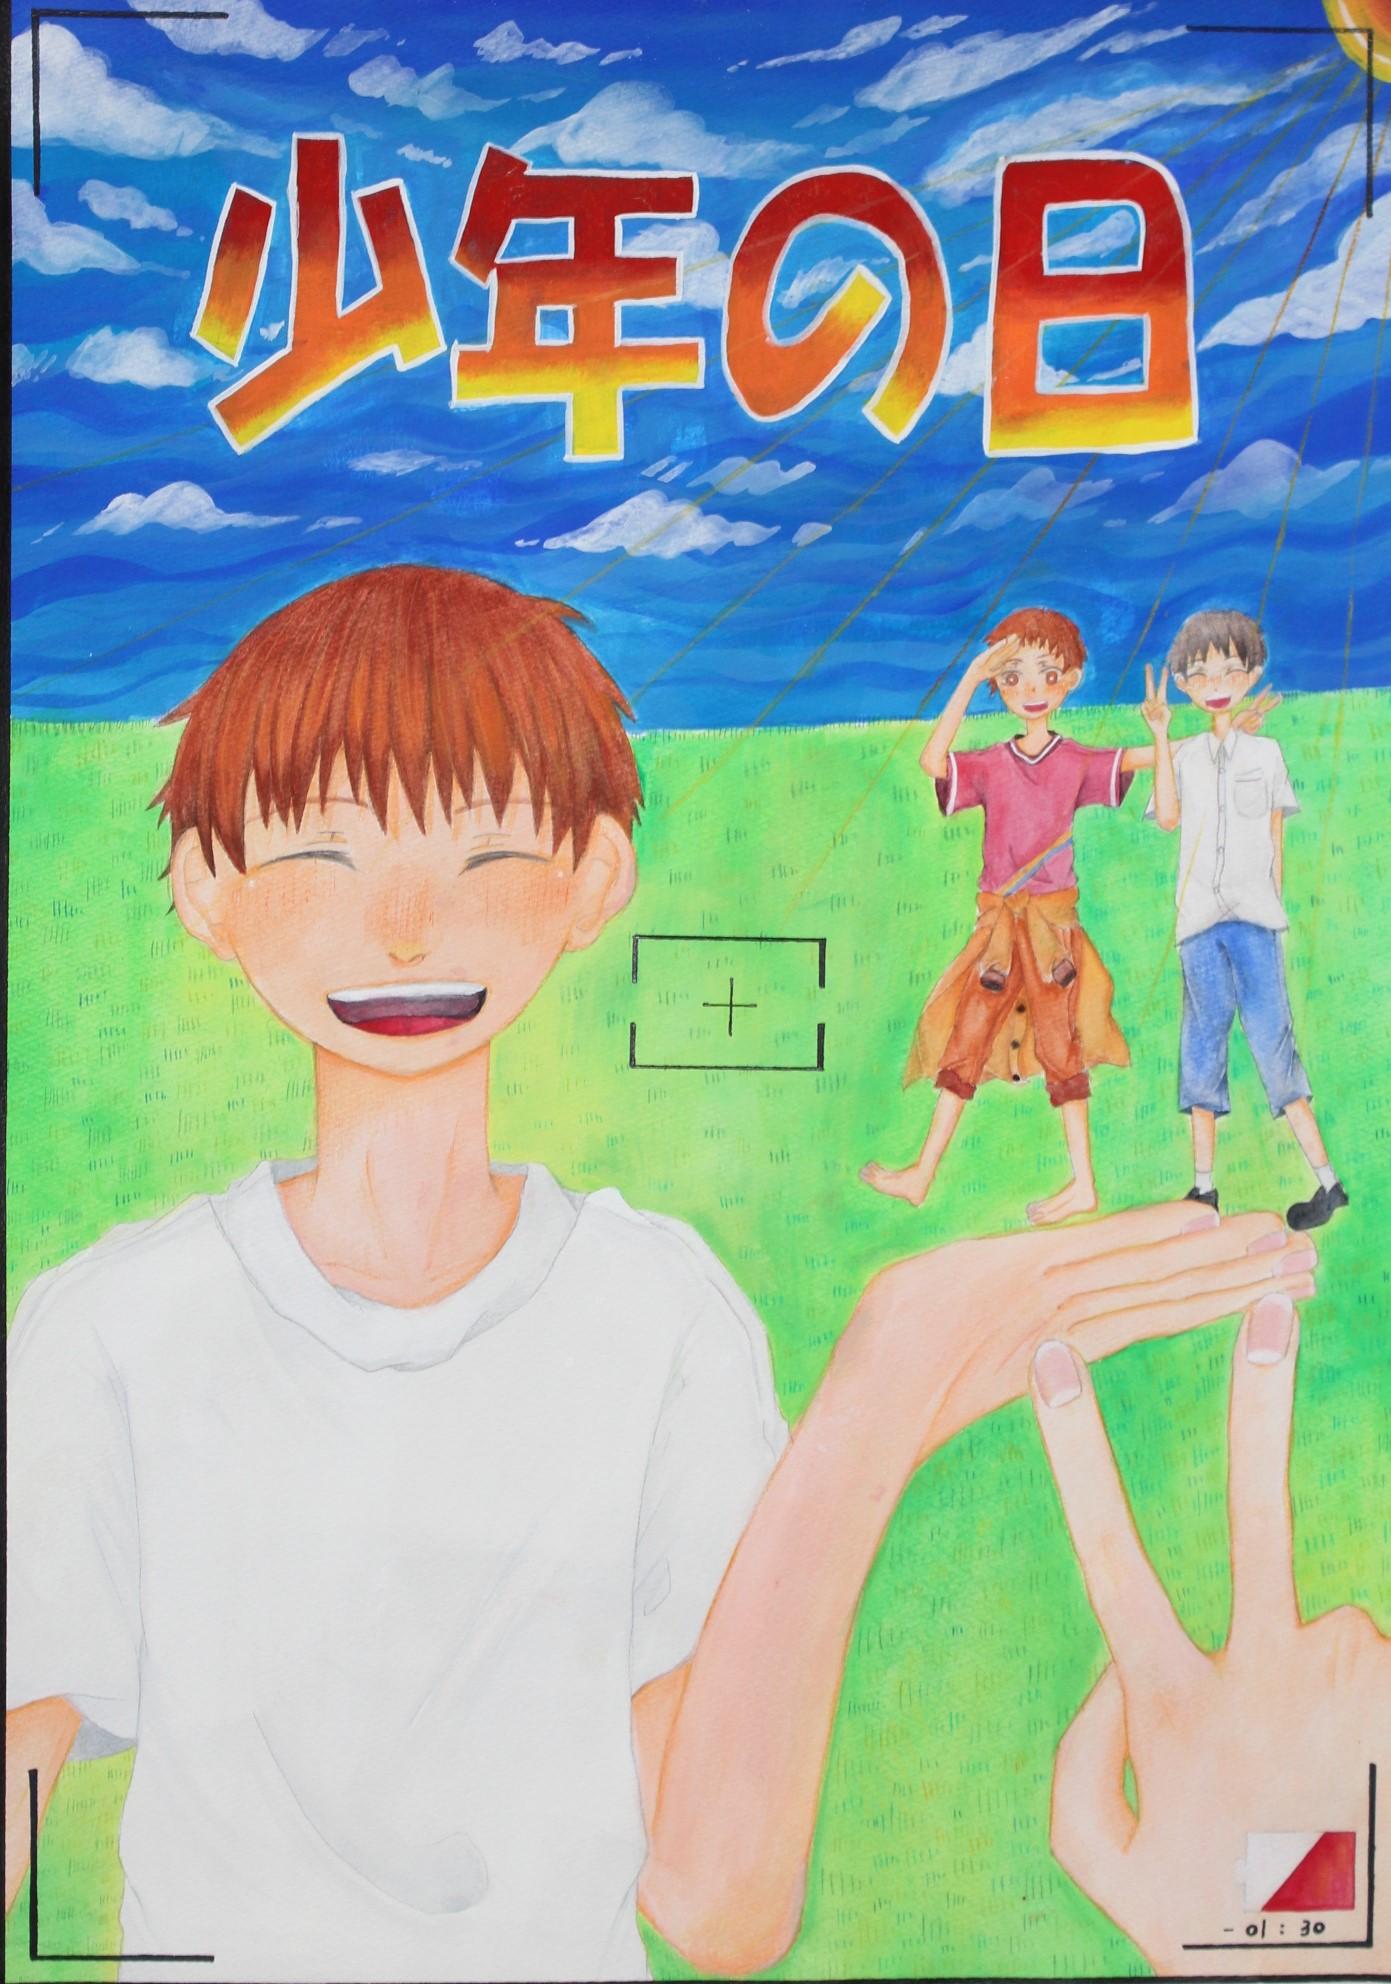 優良賞-宮崎市立宮崎西中学校 3年 合田 夢(ごうだ ゆめ)さん